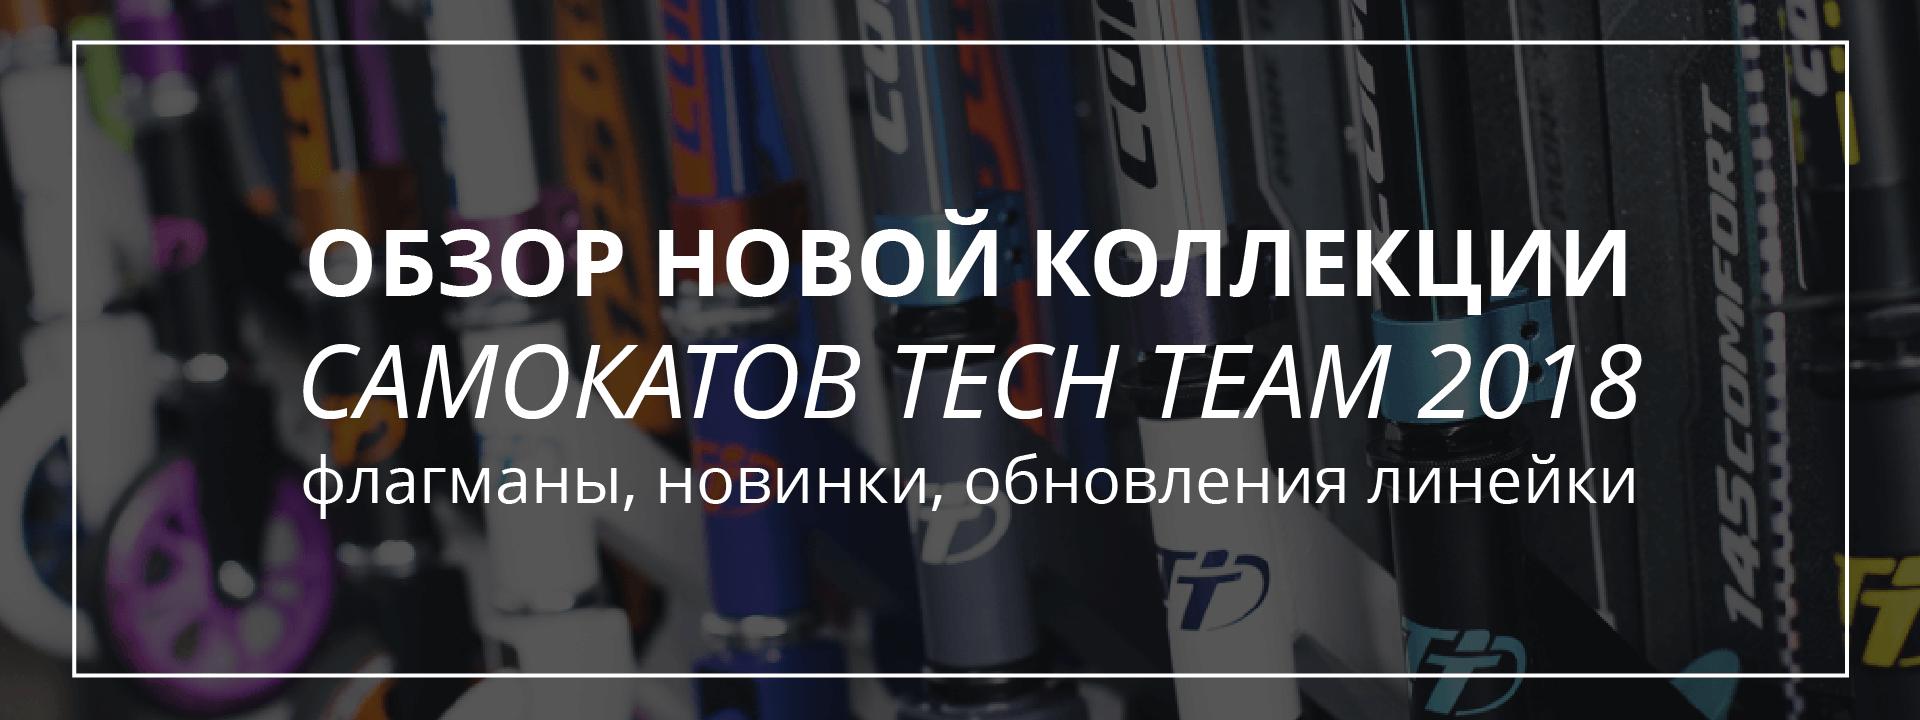 Новая коллекция самокатов Tech Team 2018: обзор